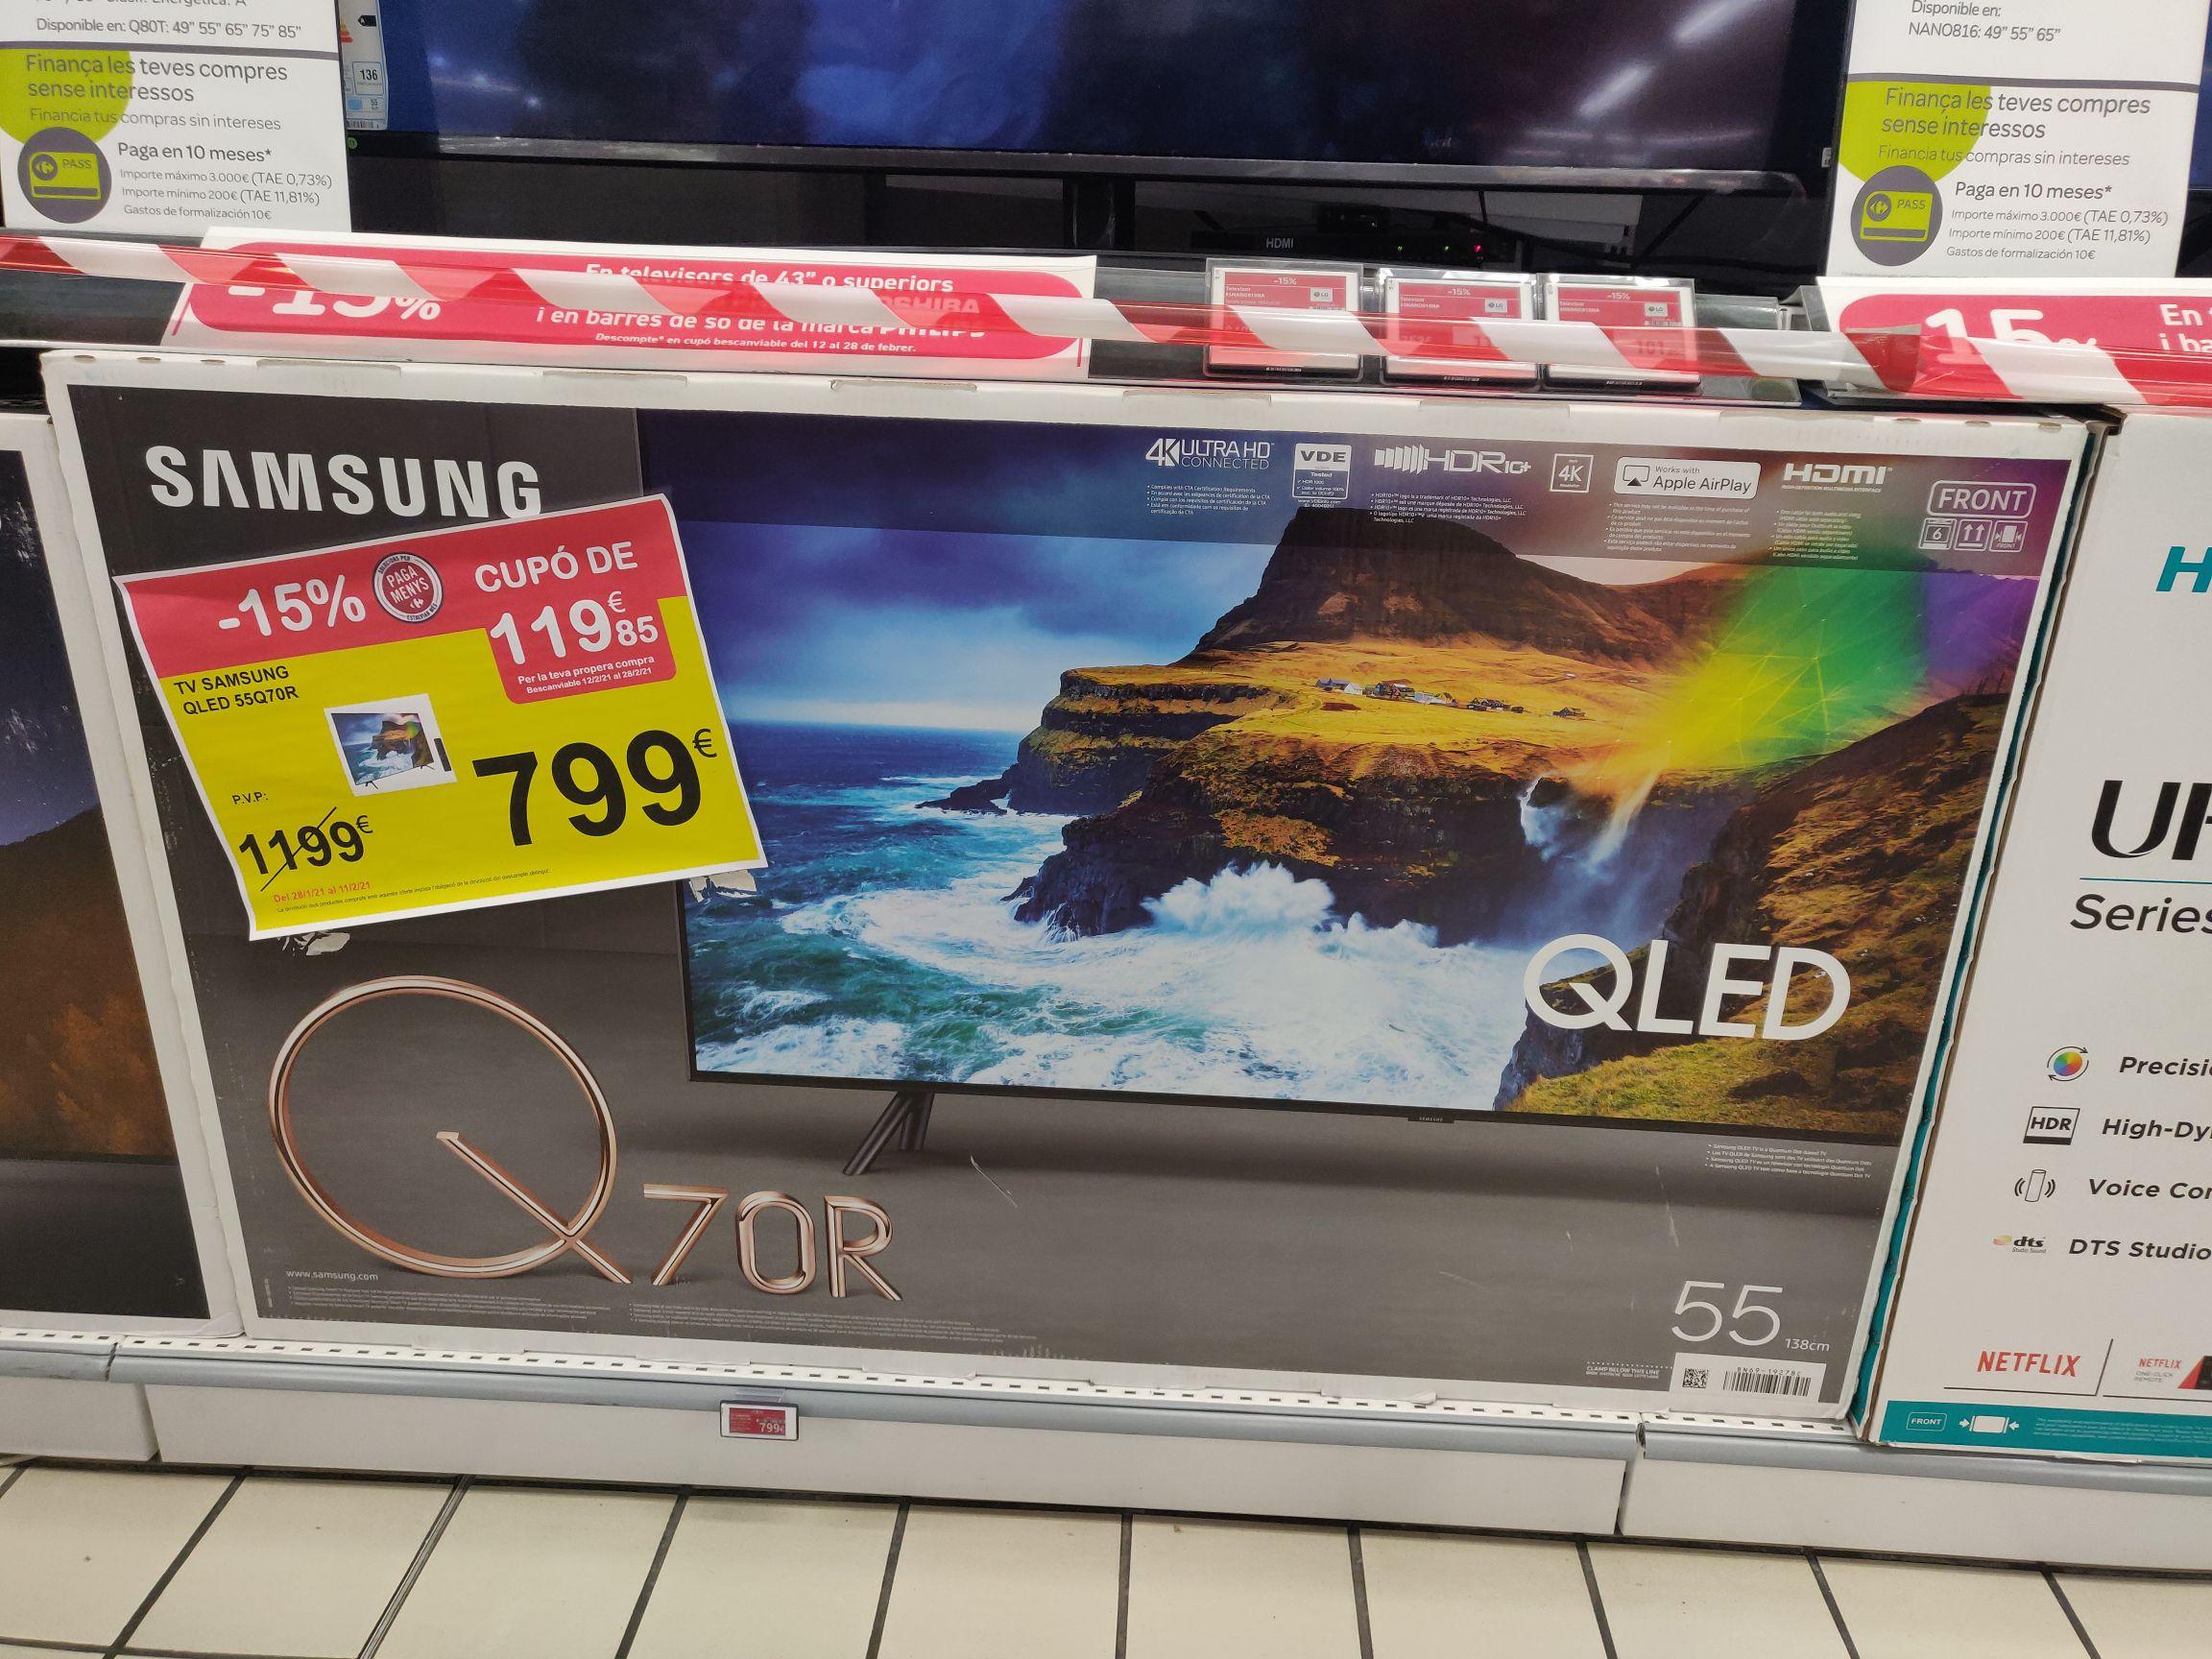 TV Samsung 55Q70R Carrefour Terrassa por 799€ + cupón de 119,85€